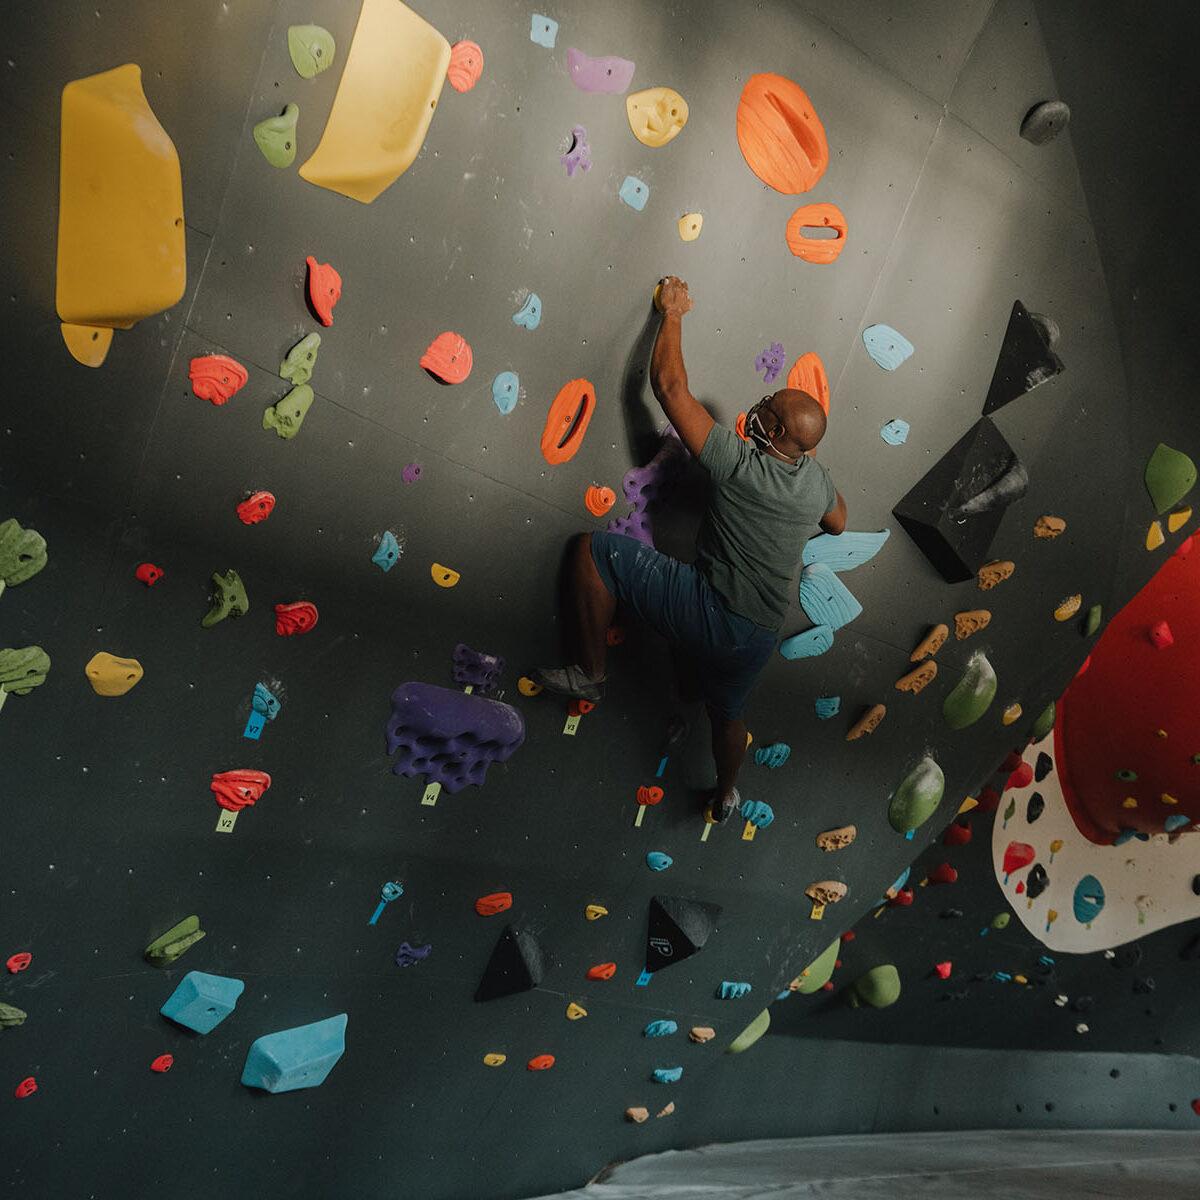 Climb So iLL